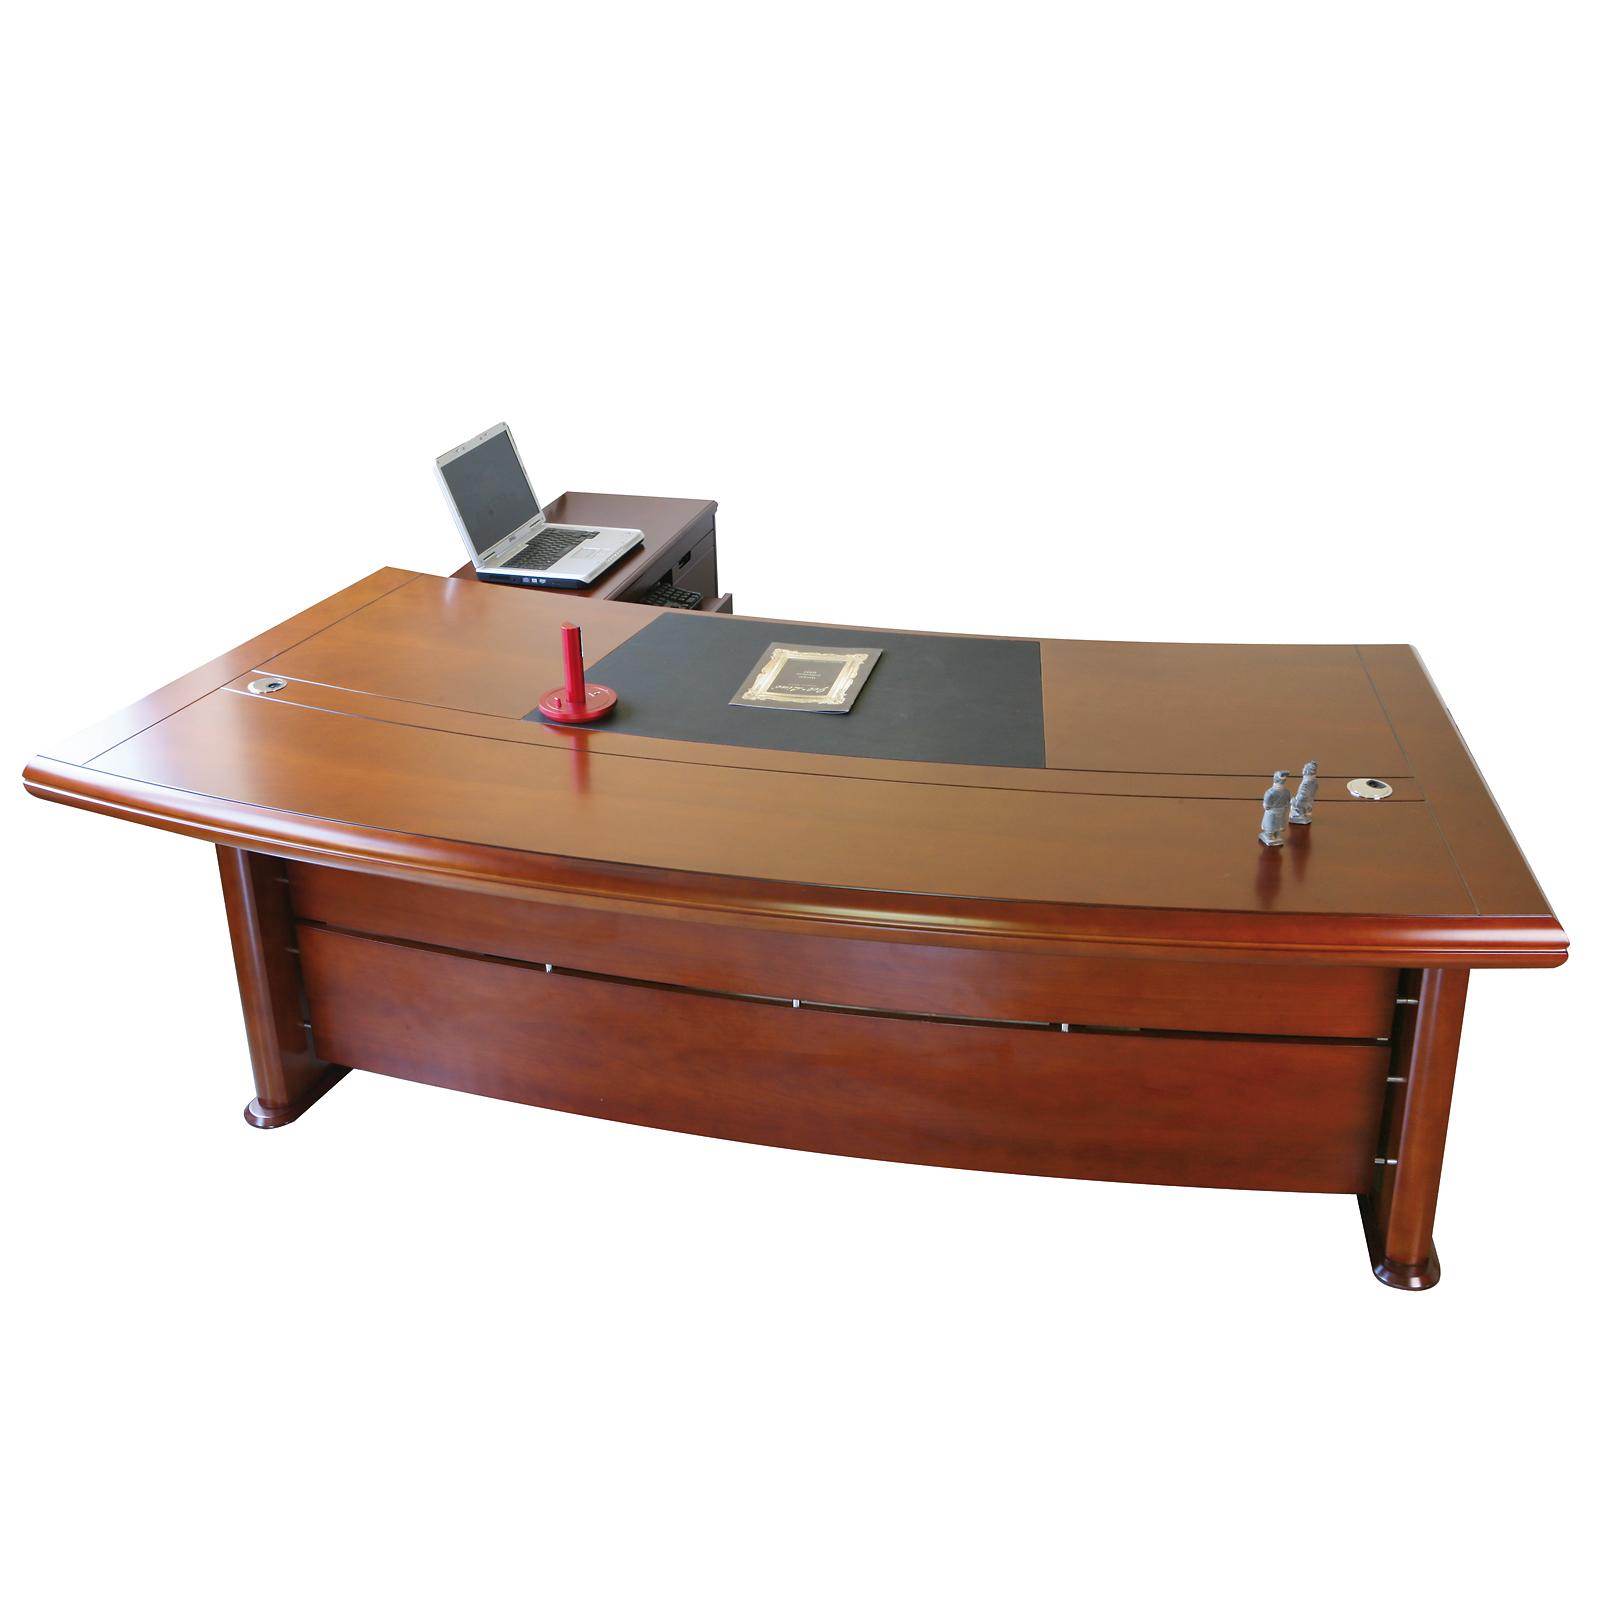 Chef schreibtisch bonn xxl b rom bel tisch winkeltisch for Schreibtisch xxl